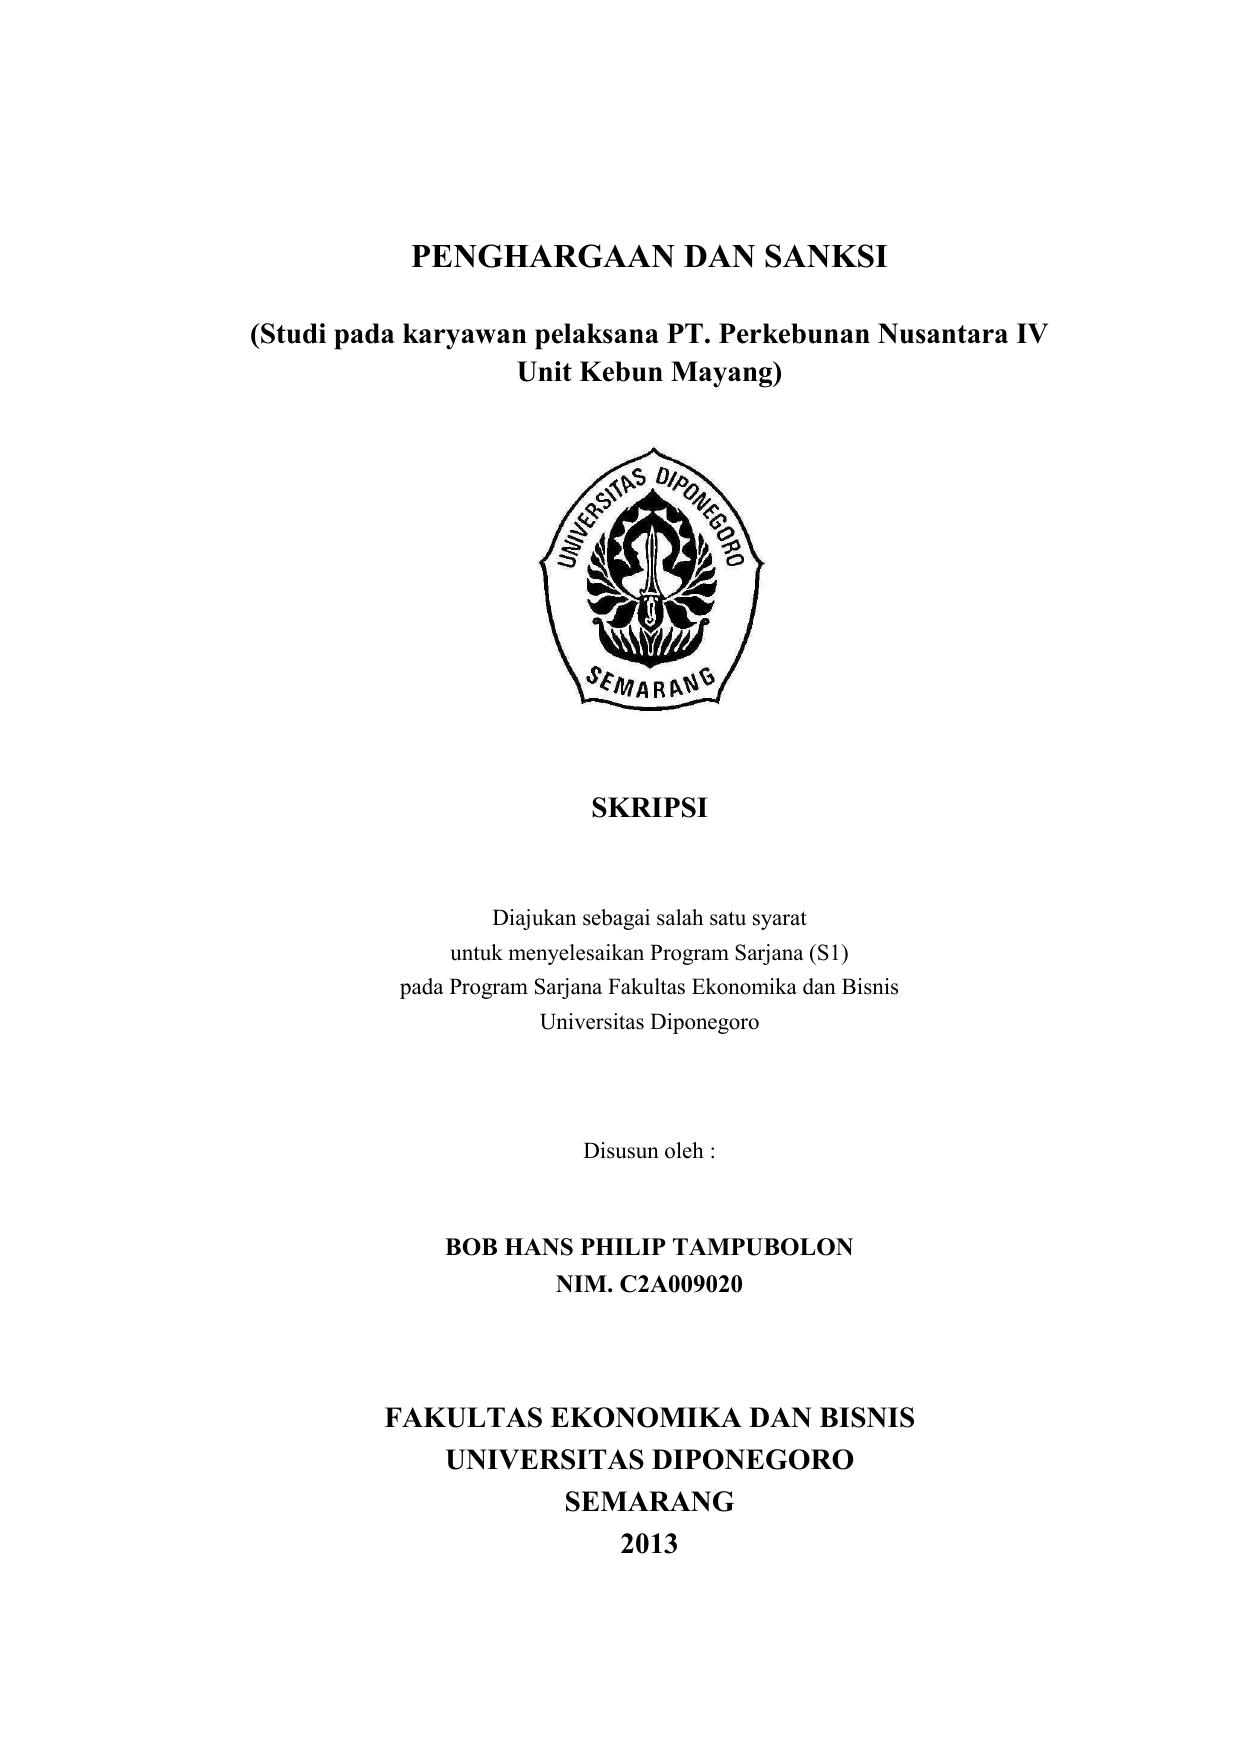 Penghargaan Dan Sanksi Eprints Undip